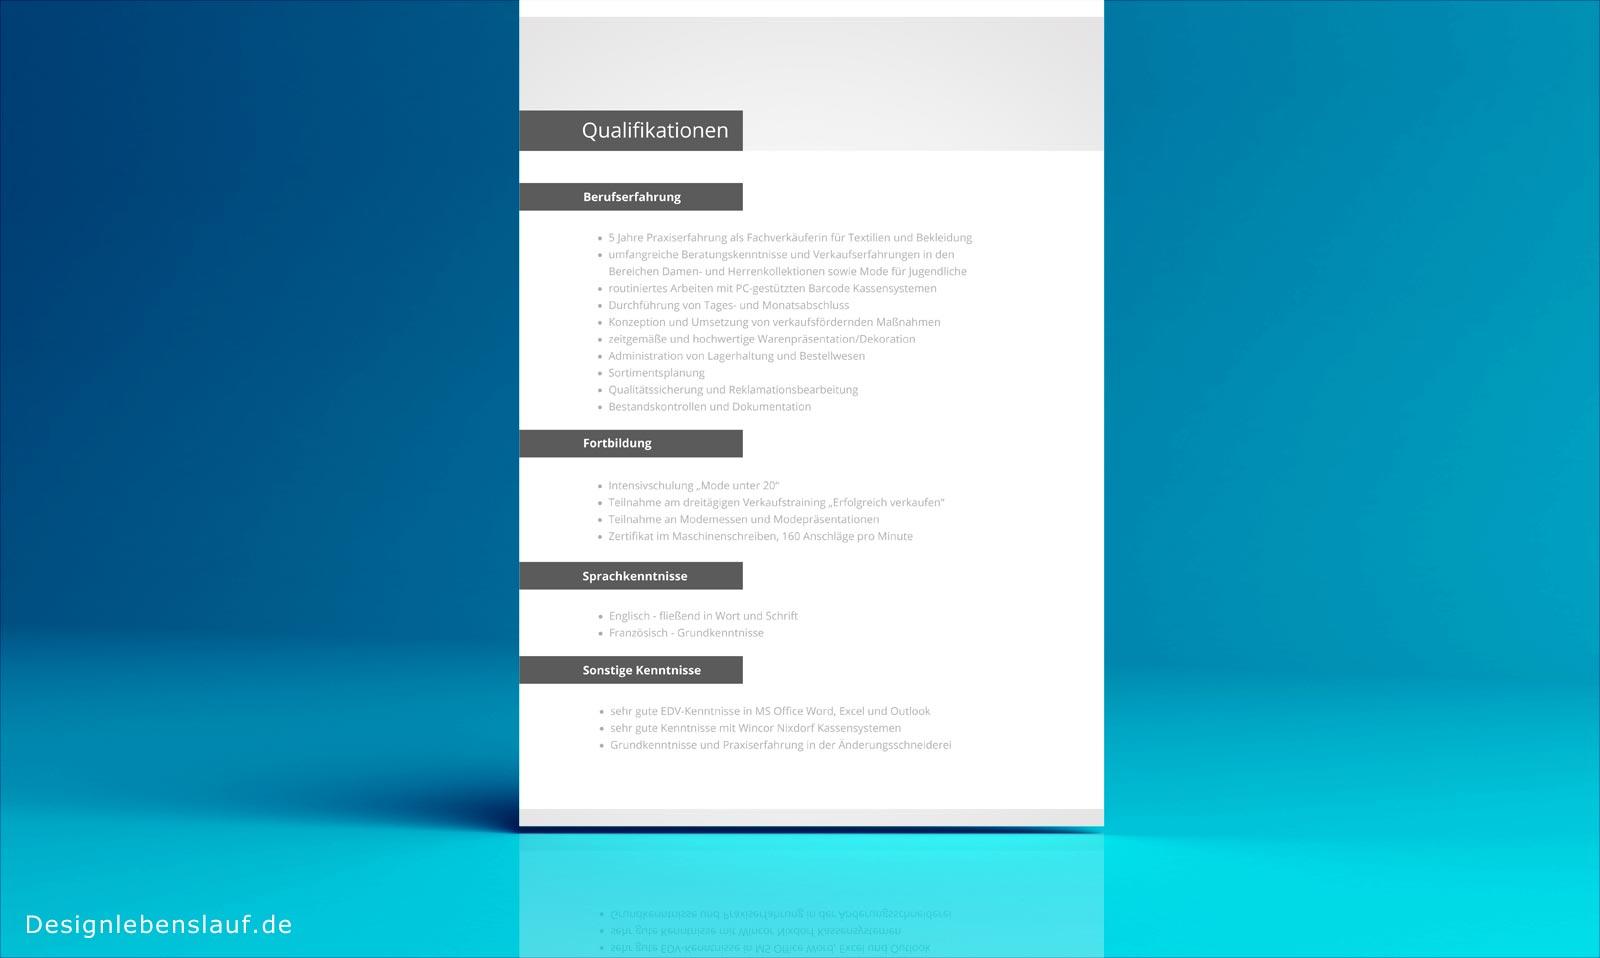 bewerbung deckblatt download bewerbung um einen aushilfsjob familienstand lebenslauf  bewerbung nebenjob muster